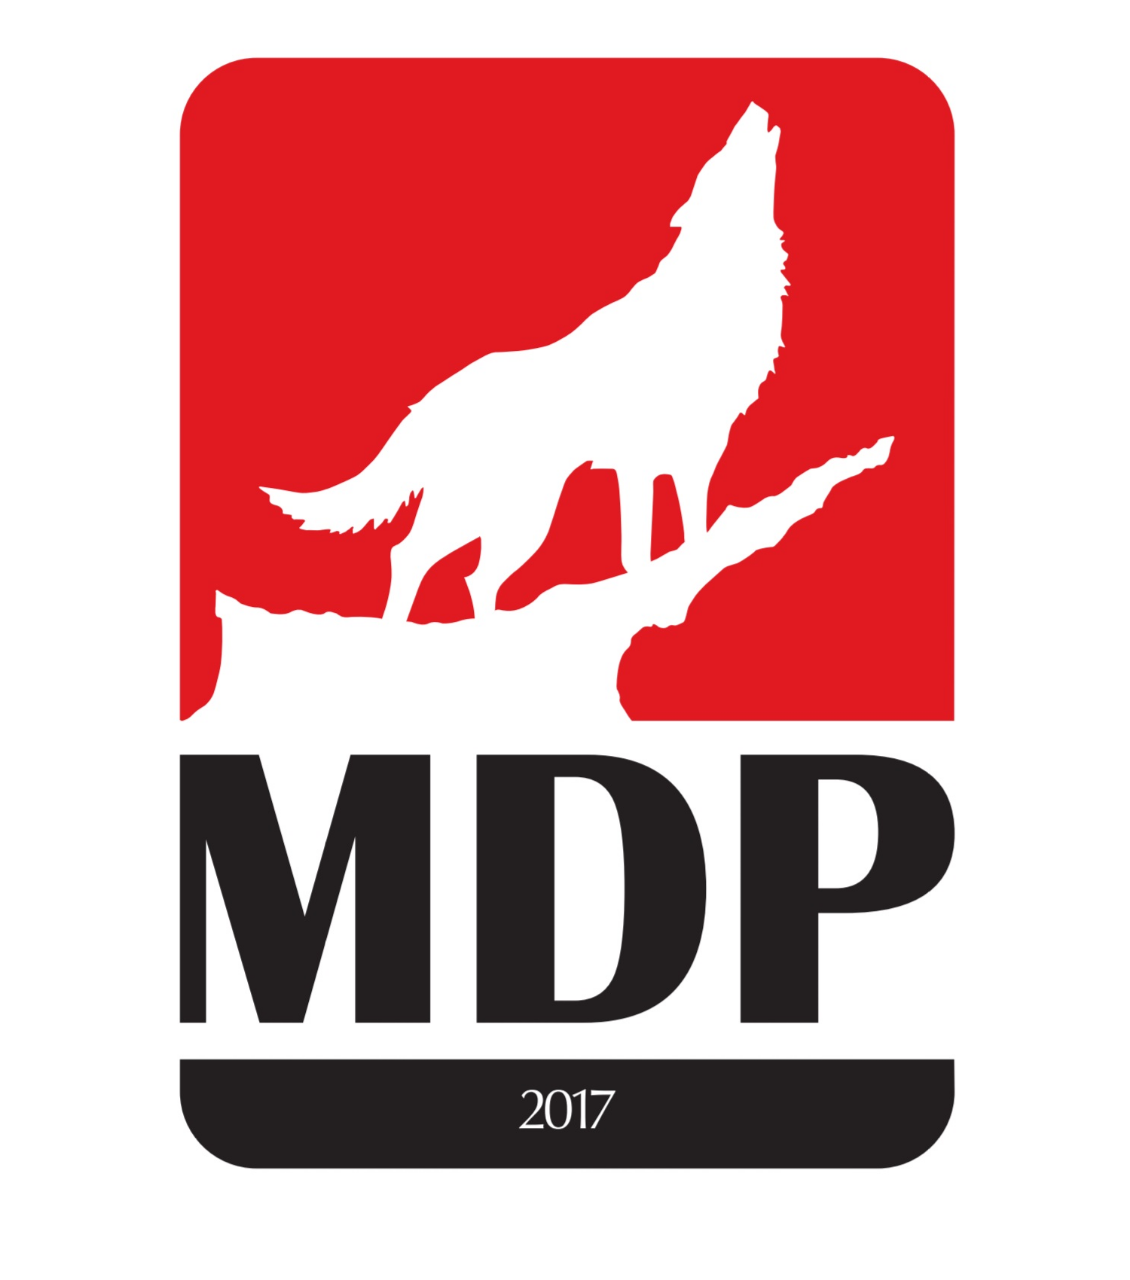 MDP zamları ve hükümeti eleştirdi